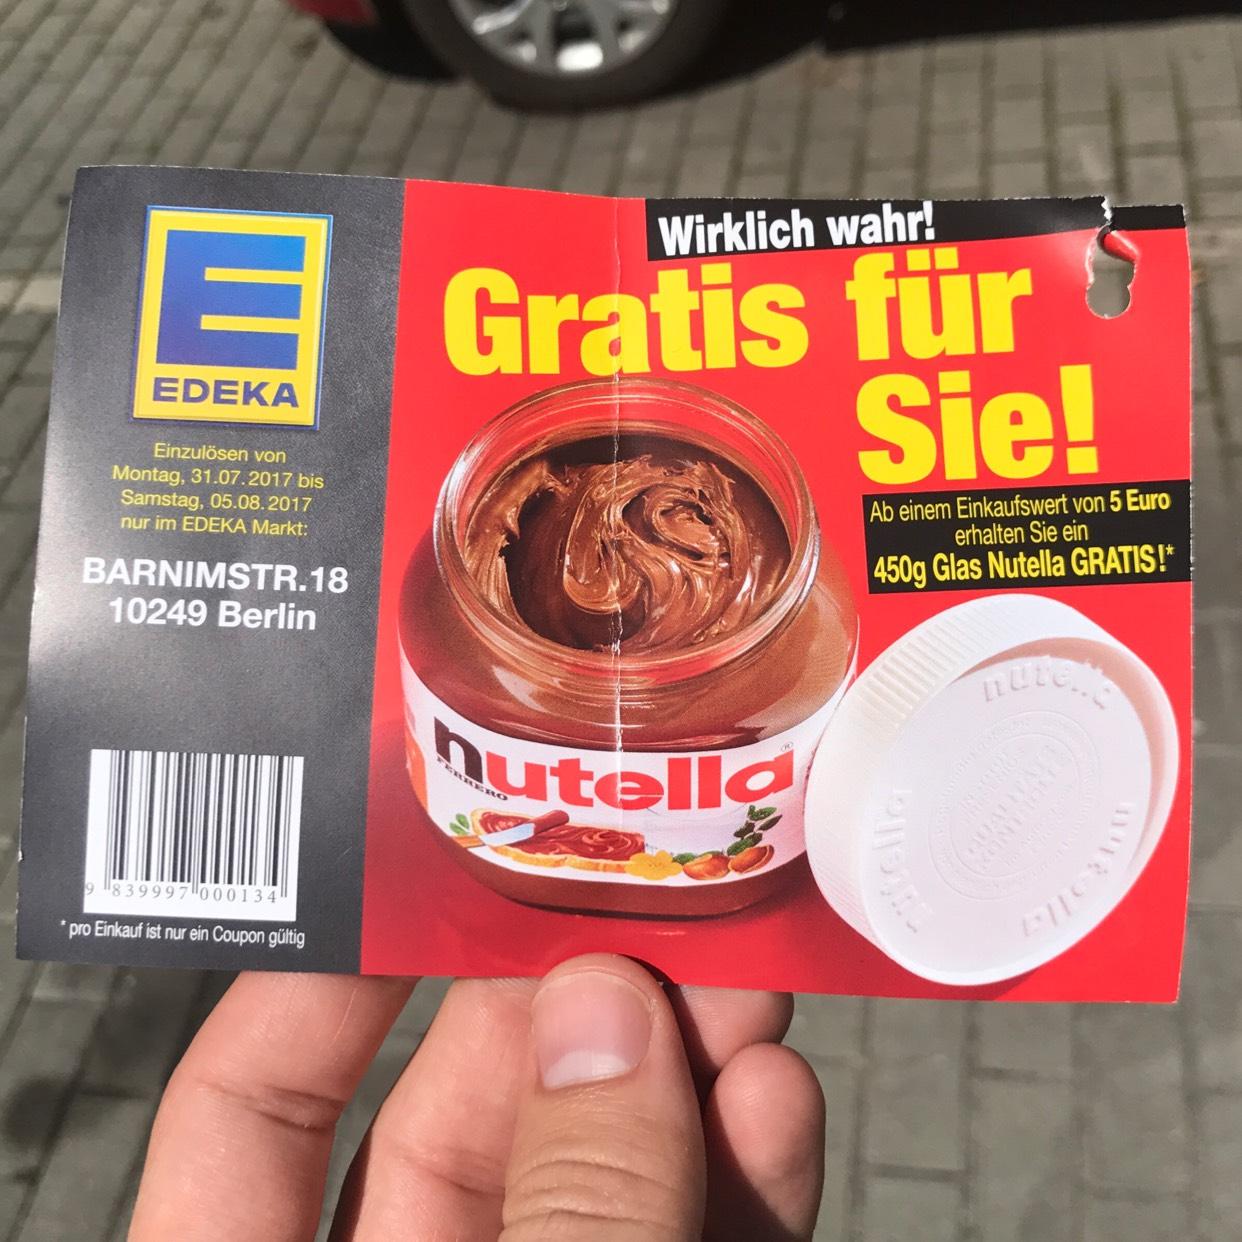 Gratis 450g Nutellaglas ab einem Einkaufswert von 5€ (LOKAL Edeka Berlin Barnimstr. 18)